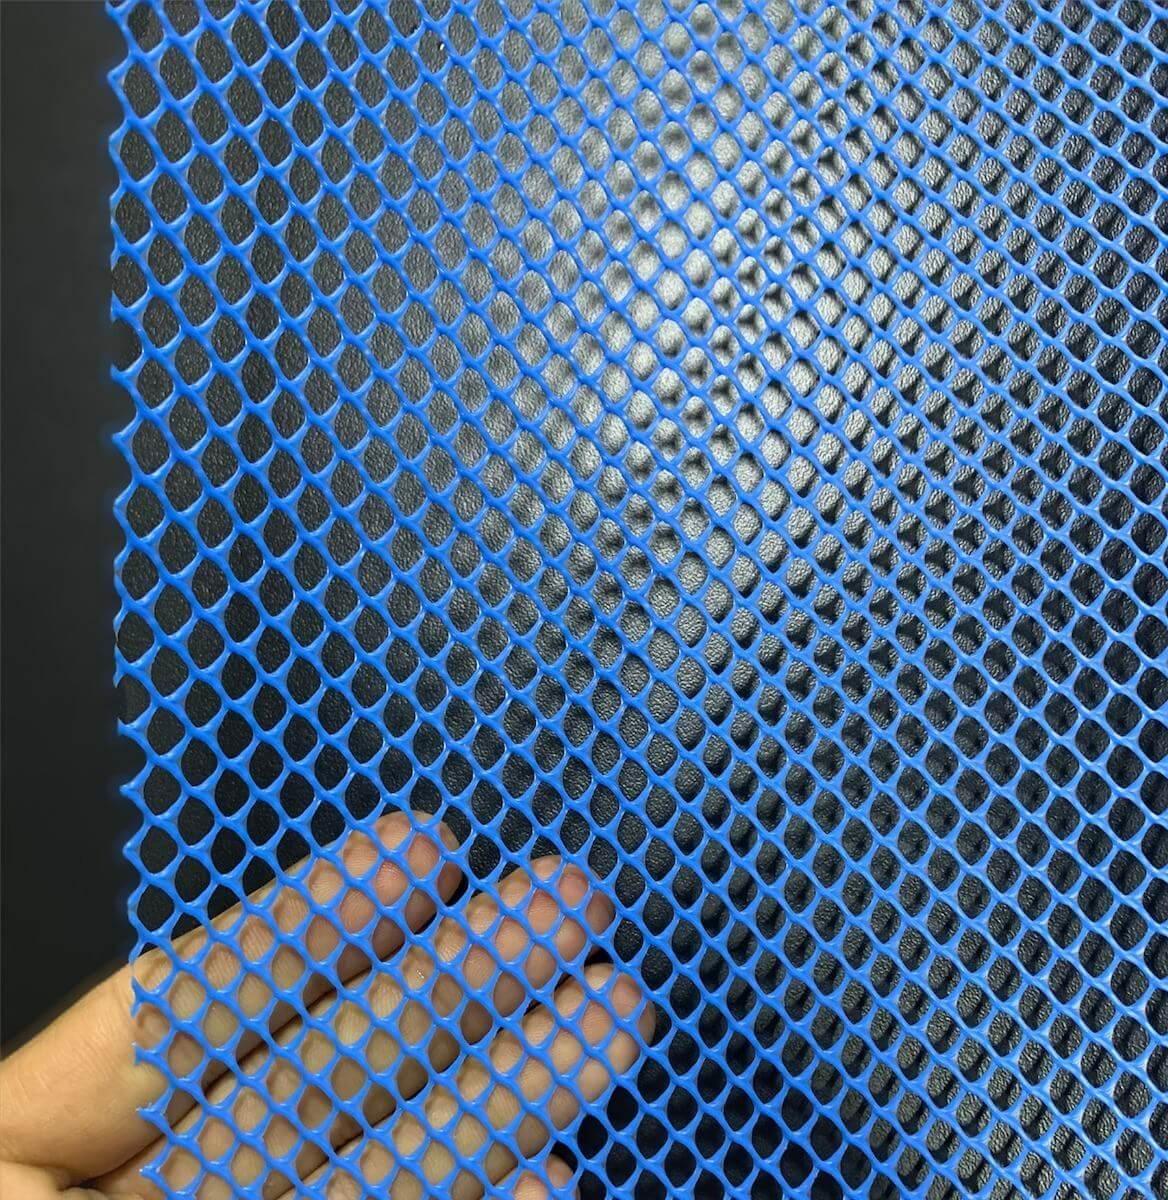 Tela Piscicultura Azul Peixe Alevino 4 Mm Pead 1 X 15 Metros